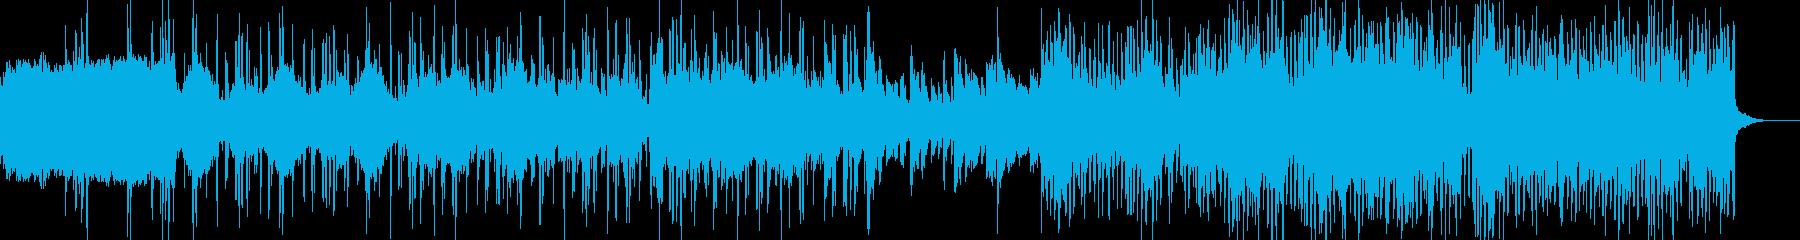 ダウンテンポ系BGMの再生済みの波形